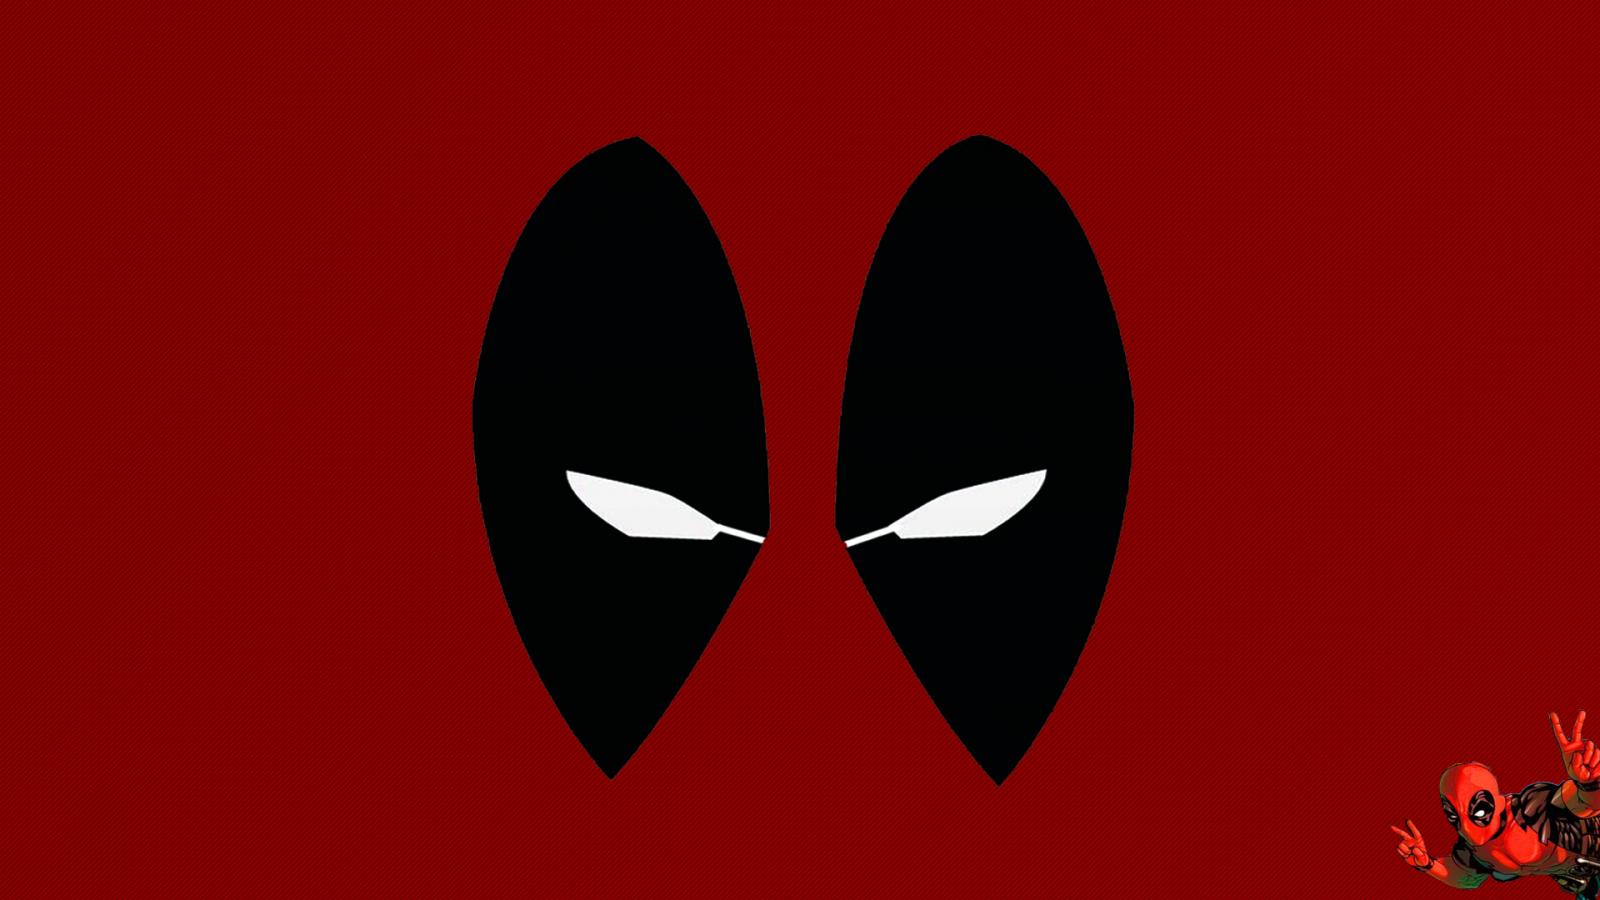 Hình nền deadpool đỏ